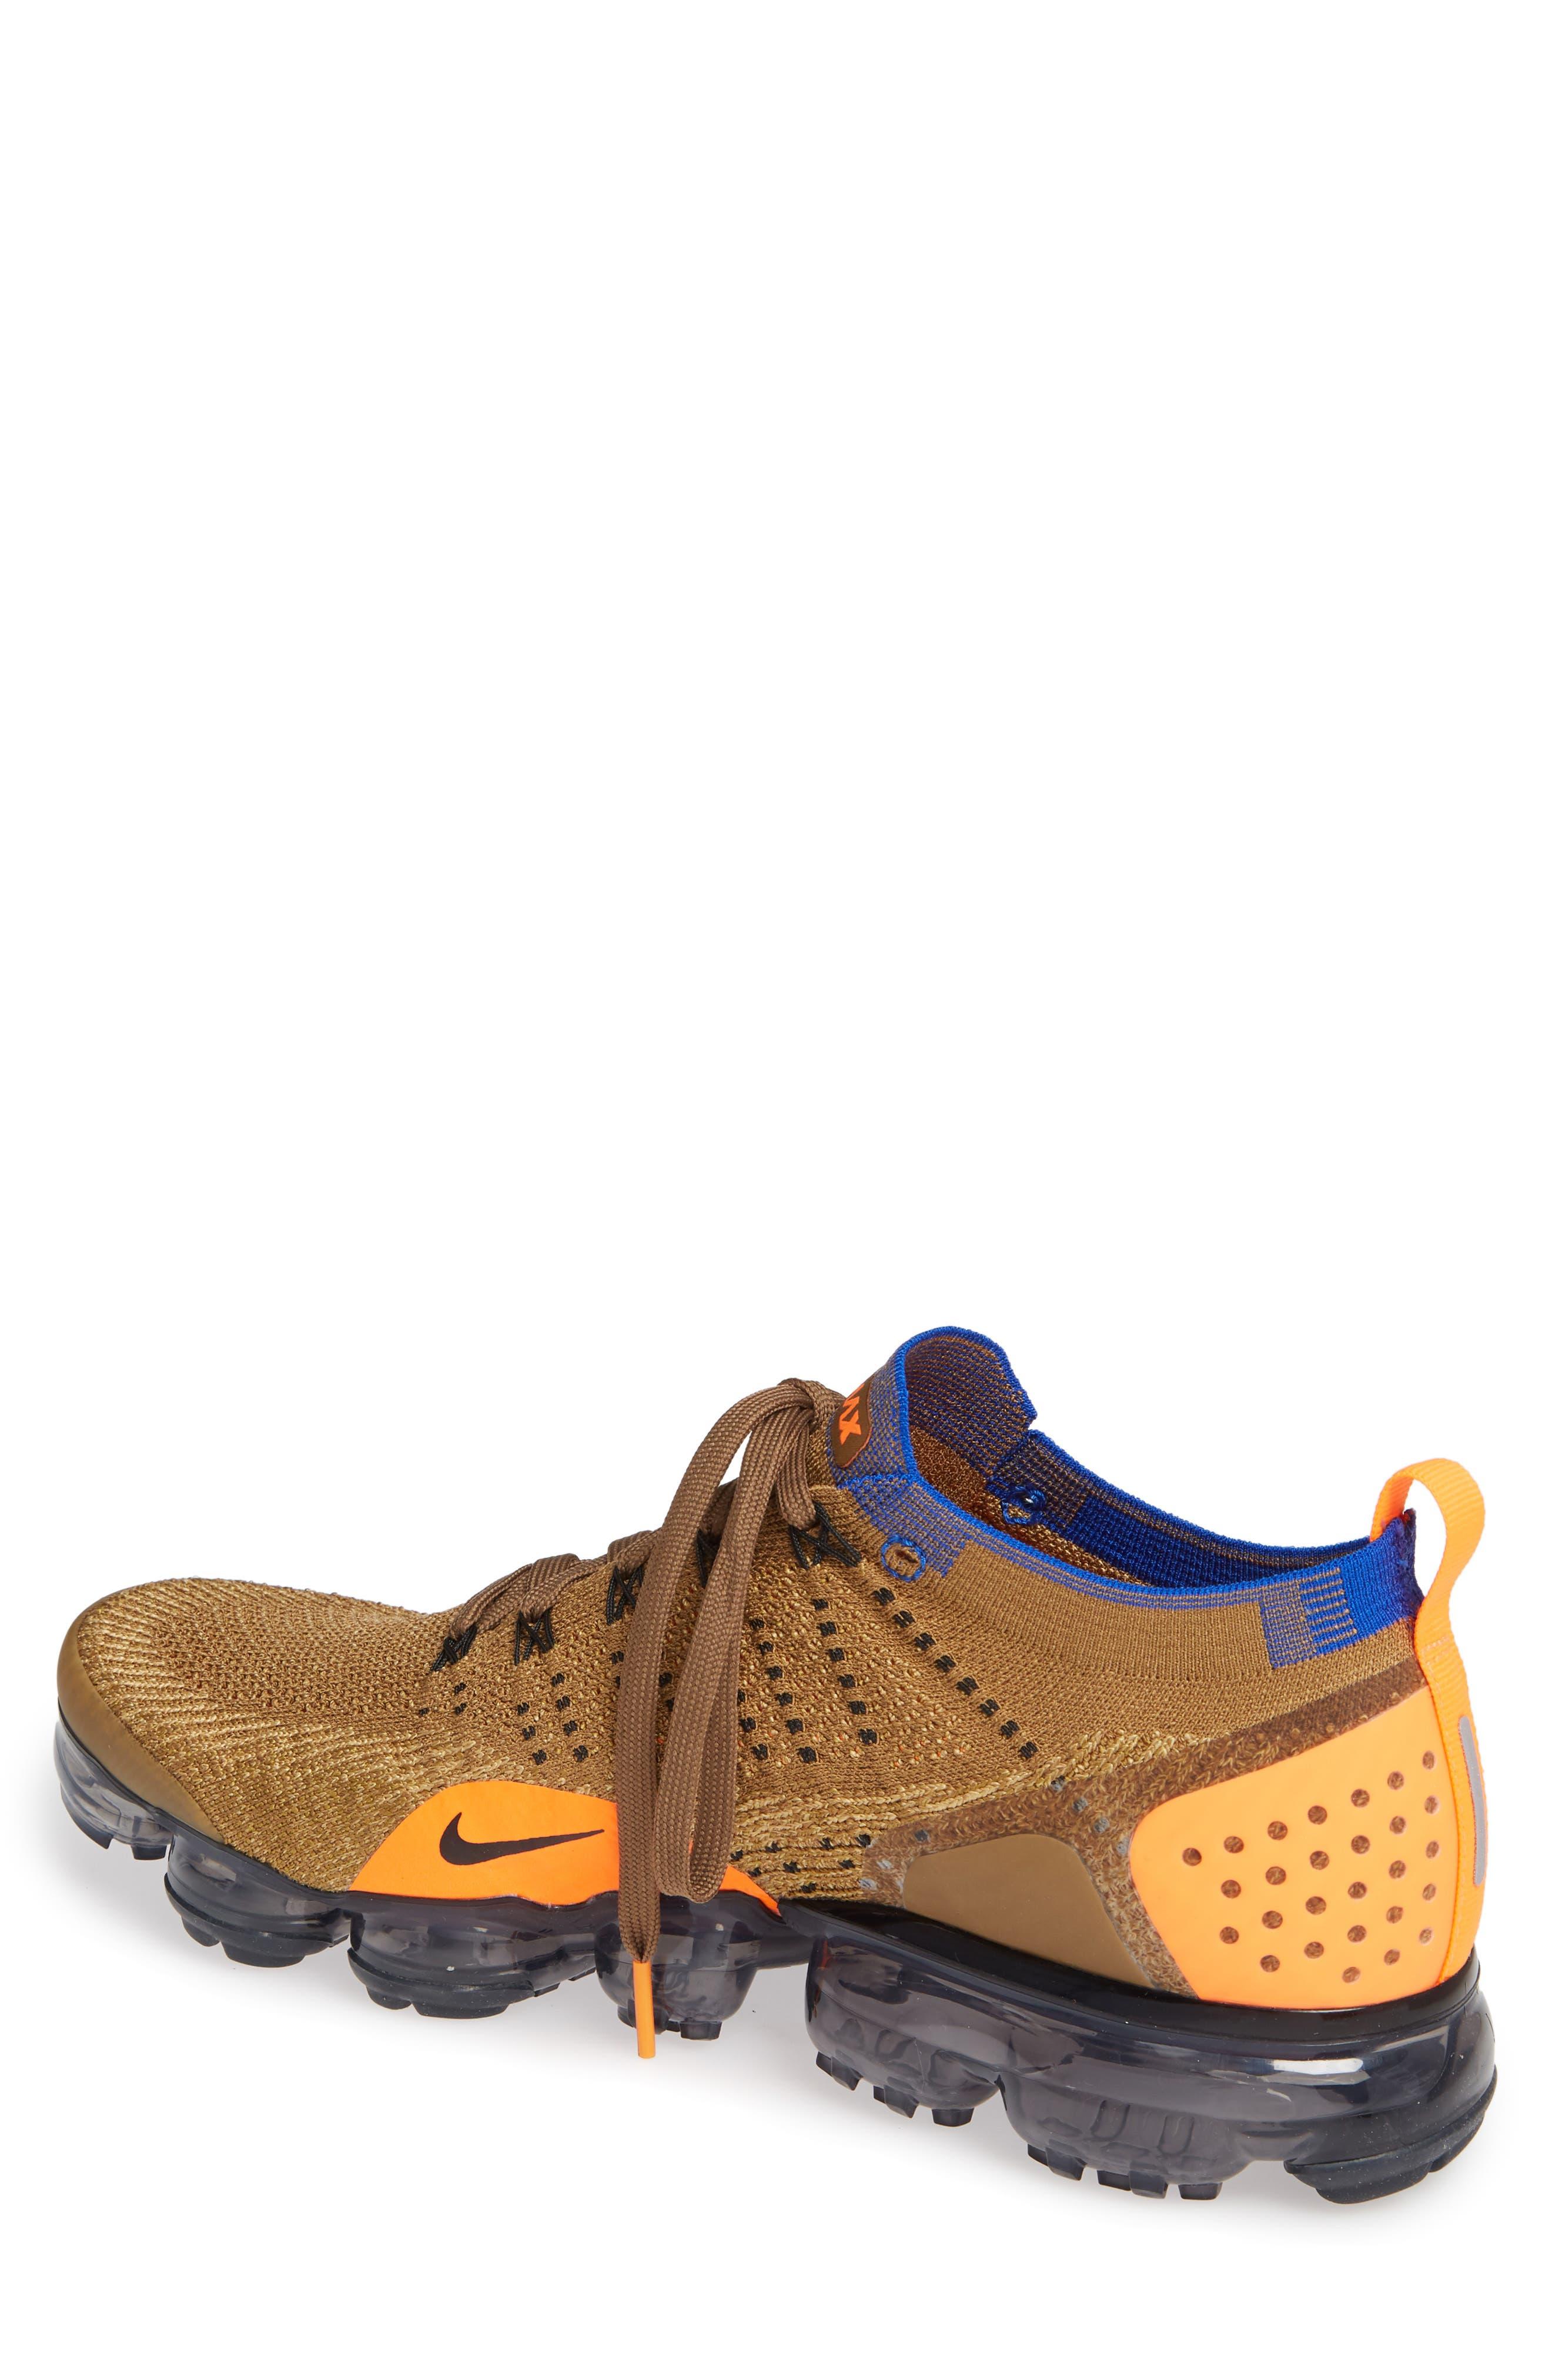 Air Vapormax Flyknit 2 Running Shoe,                             Alternate thumbnail 2, color,                             GOLDEN BEIGE/ RACER BLUE/ GOLD